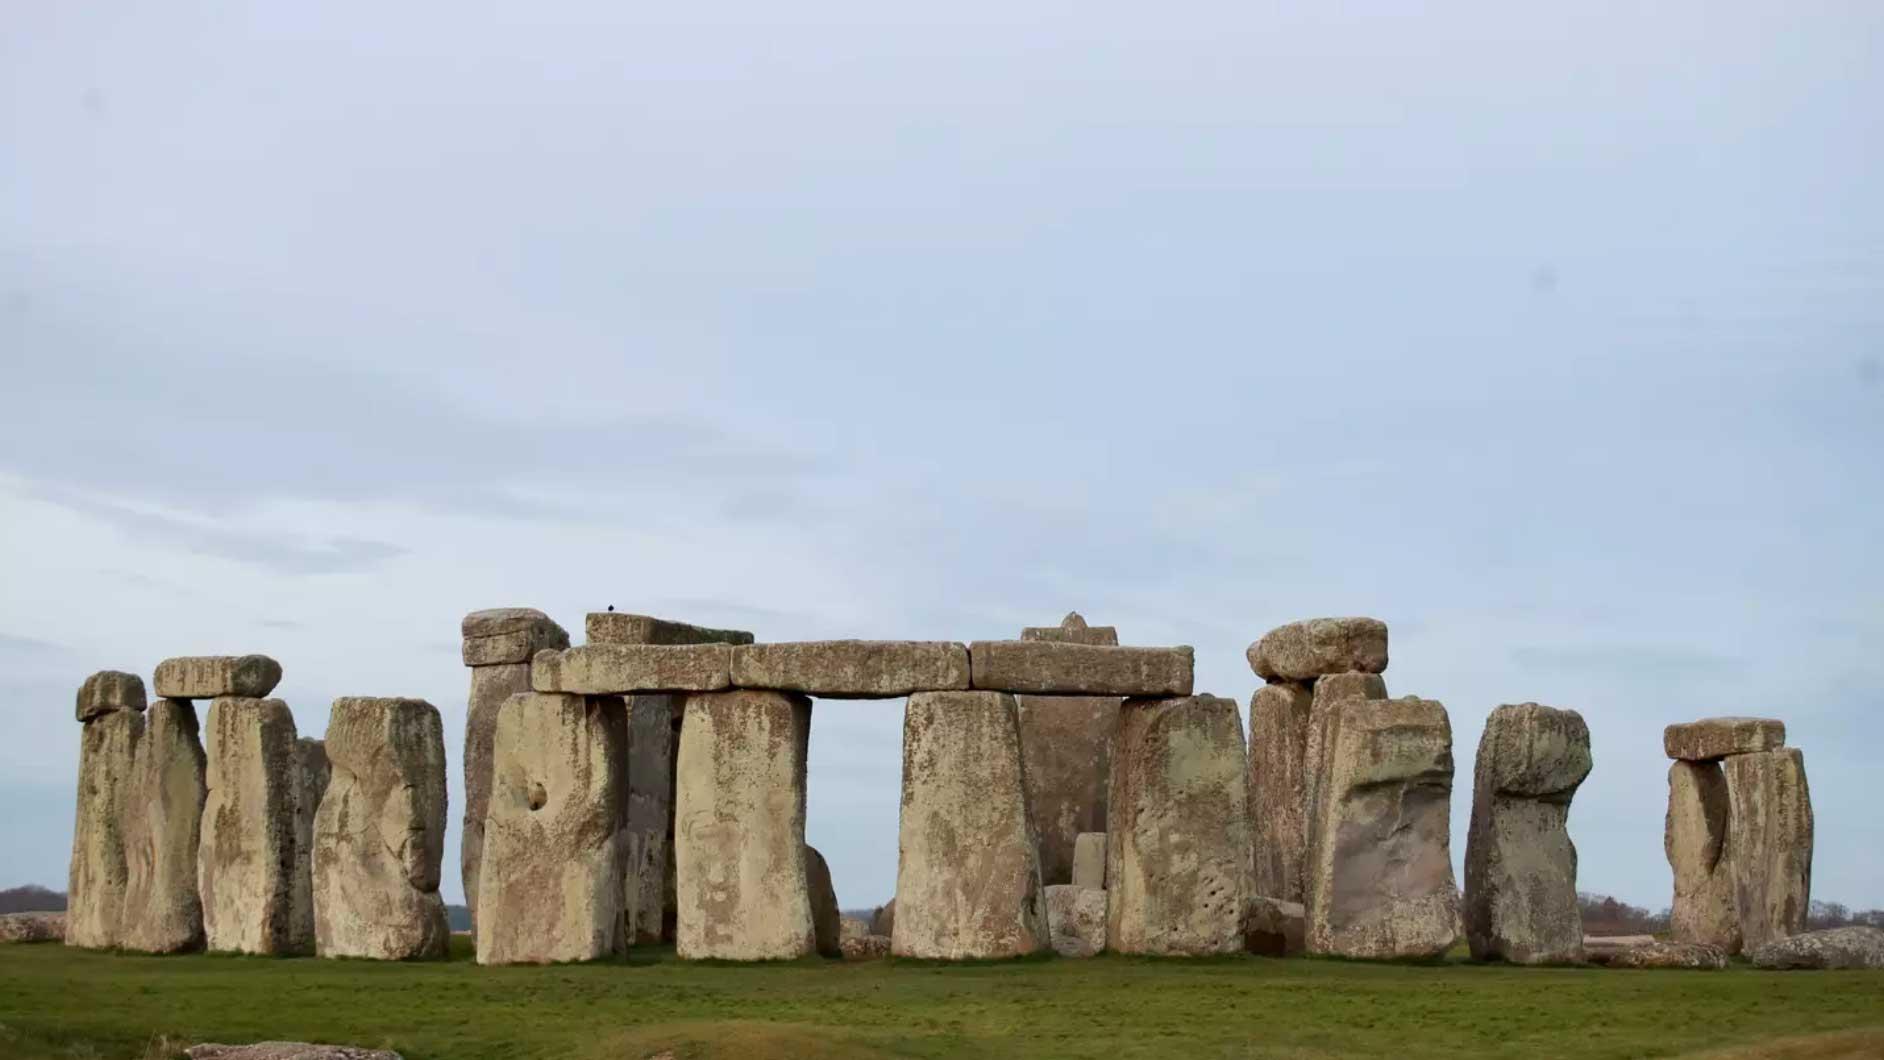 Un mystère de Stonehenge enfin résolu! Les pierres ont parlé!